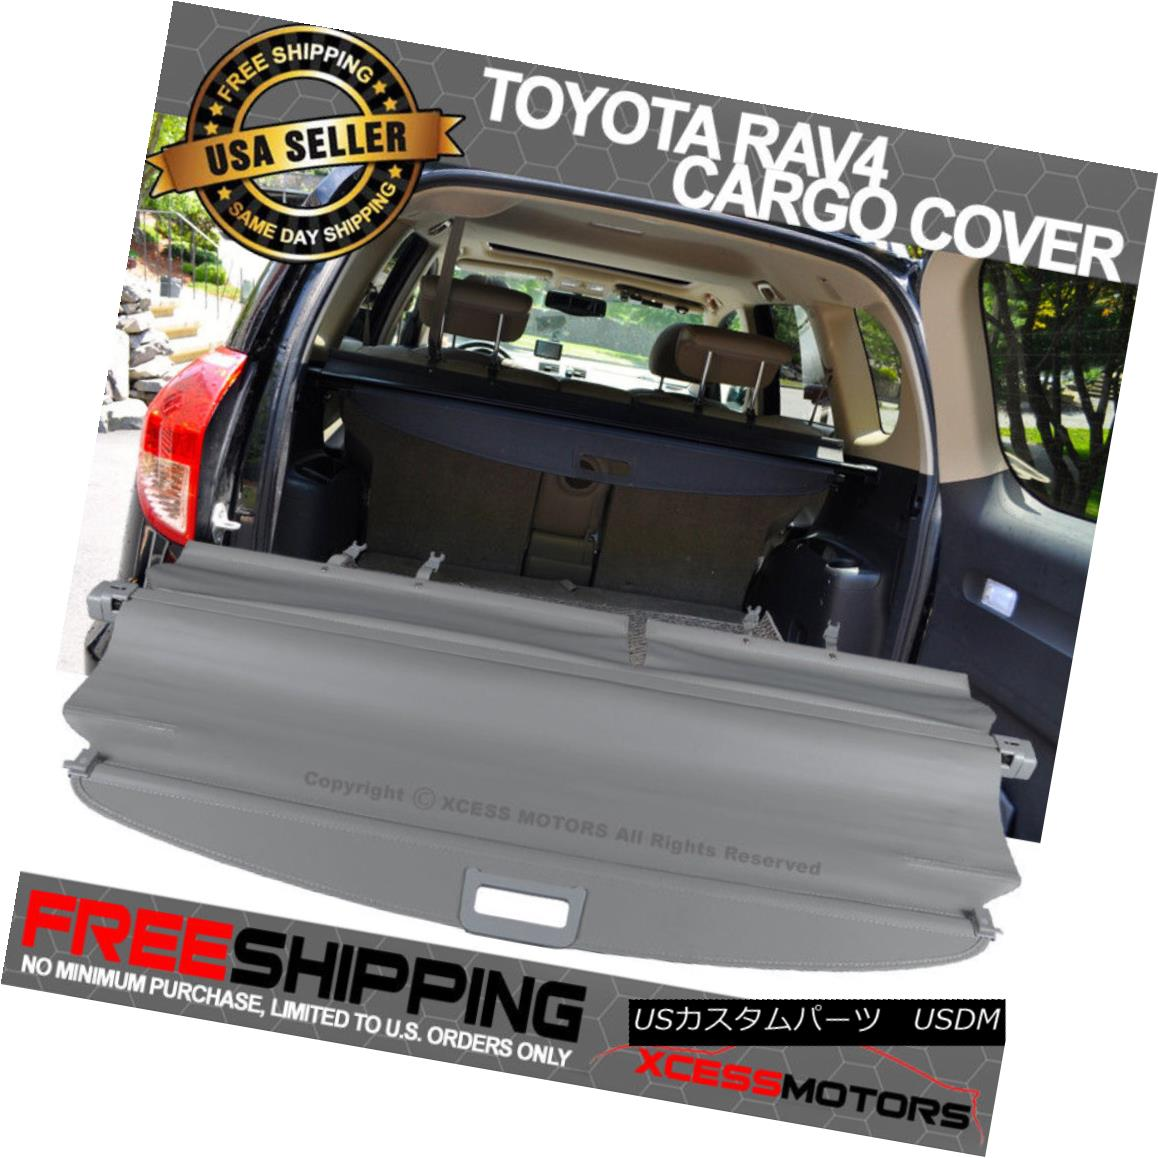 エアロパーツ Fit 06-12 Toyota RAV4 OE Style Retractable Gray Rear Cargo Security Trunk Cover フィット06-12トヨタRAV4 OEスタイルリトラクタブルグレーリアカーゴセキュリティトランクカバー